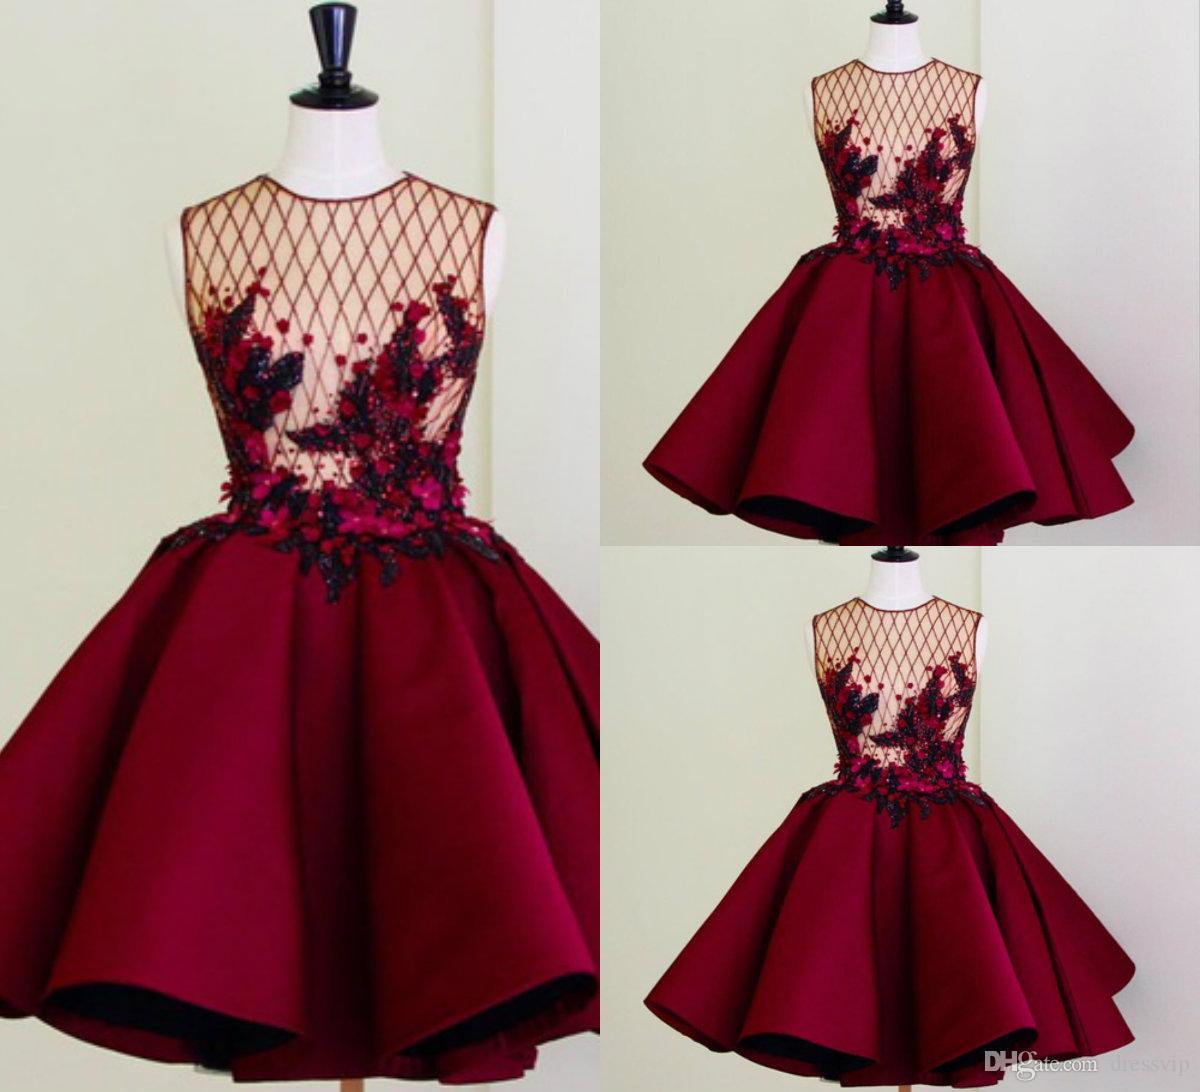 77f189b3f7 Compre Cuadros Reales Vestidos De Cóctel Rojos Cuello De Joya Perlas  Apliques A Línea Ilusión Blusa Vestido De Fiesta Corto Vestidos De Fiesta  Por Encargo A ...